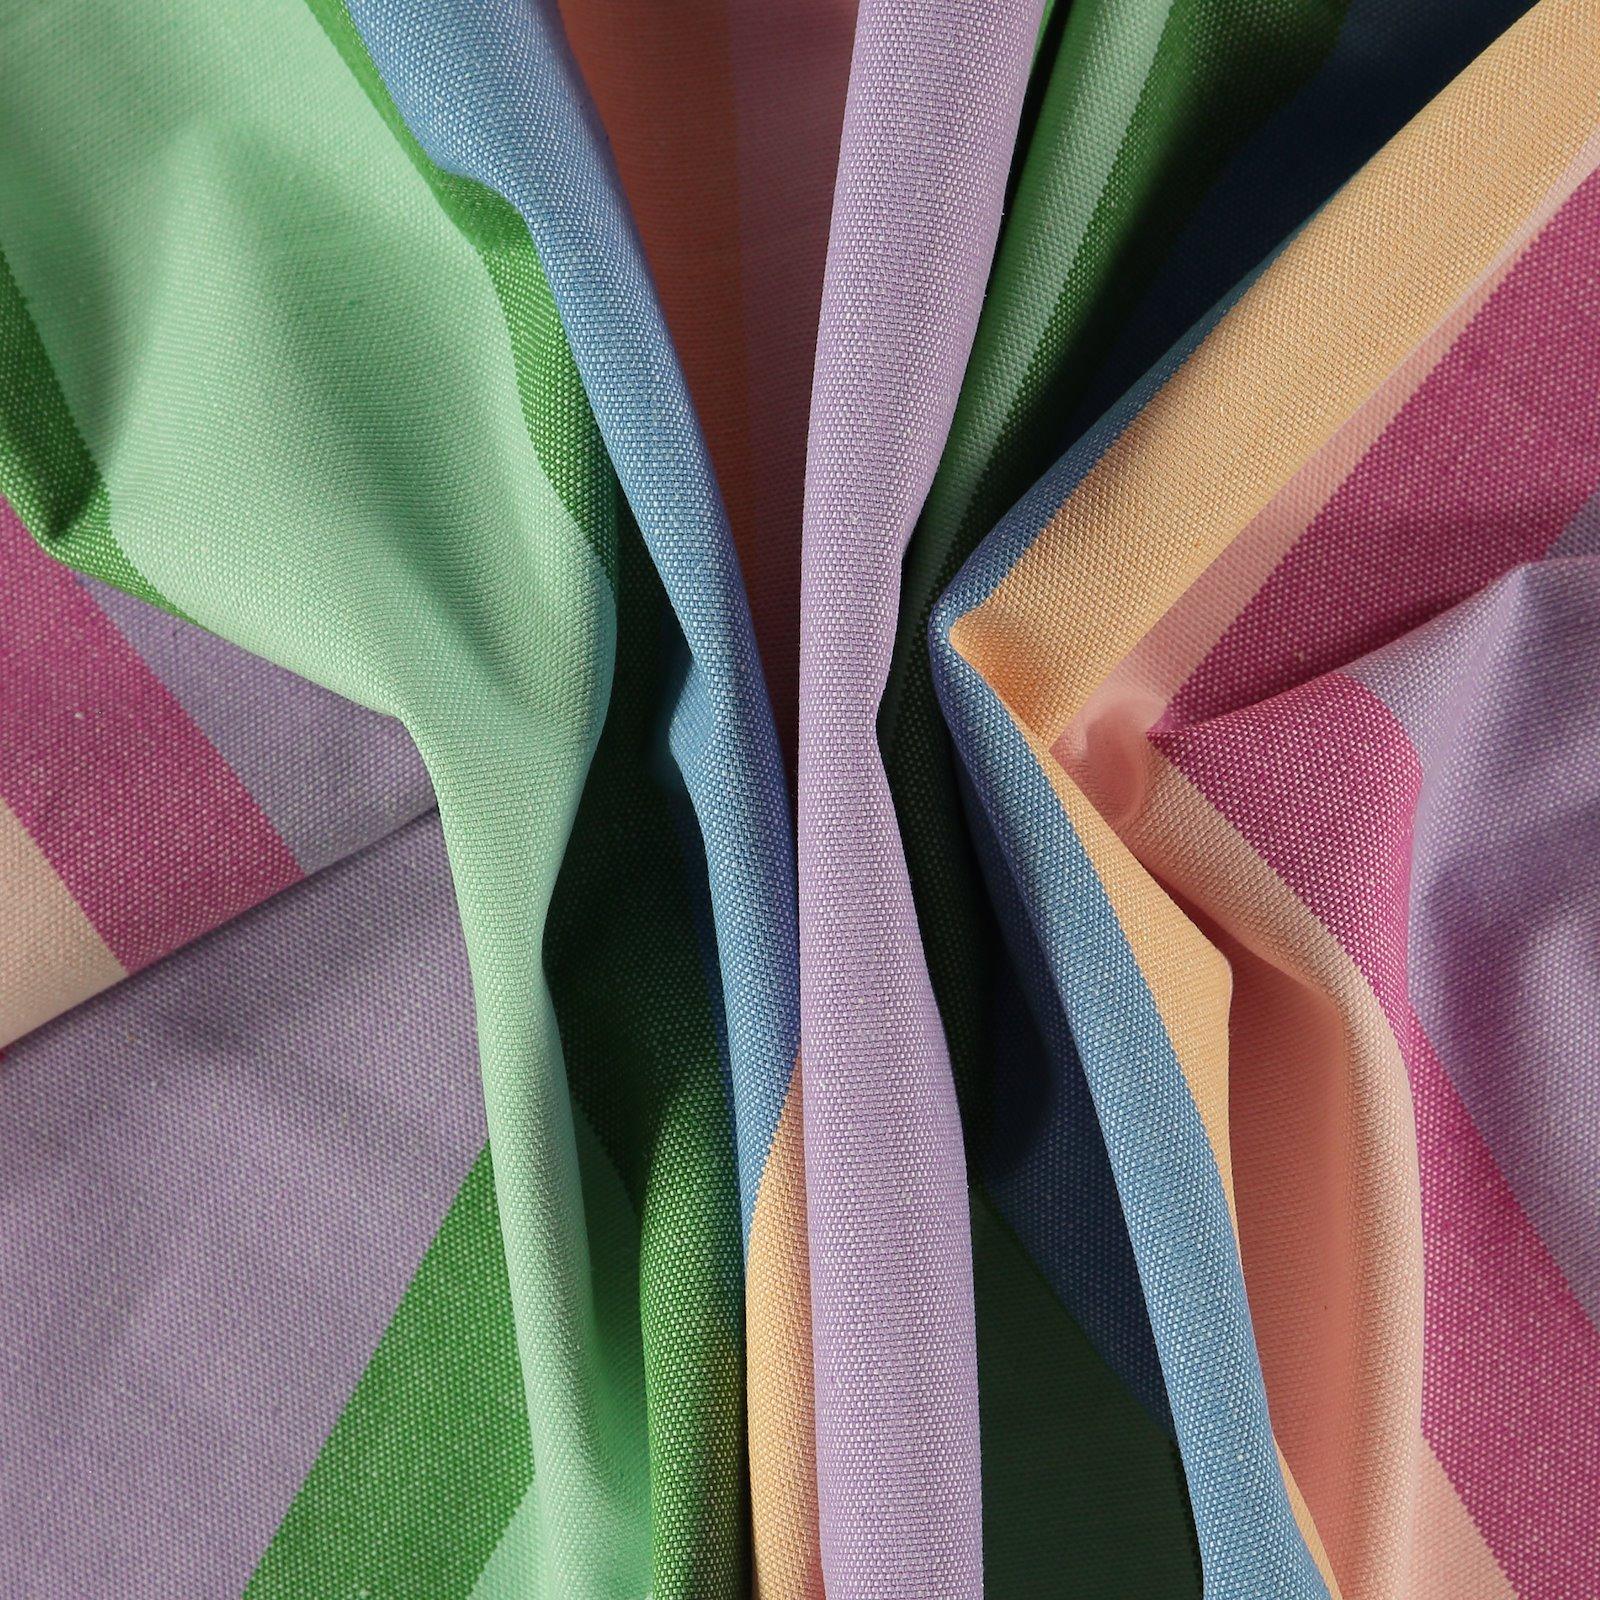 Canvas yarn dyed stripes